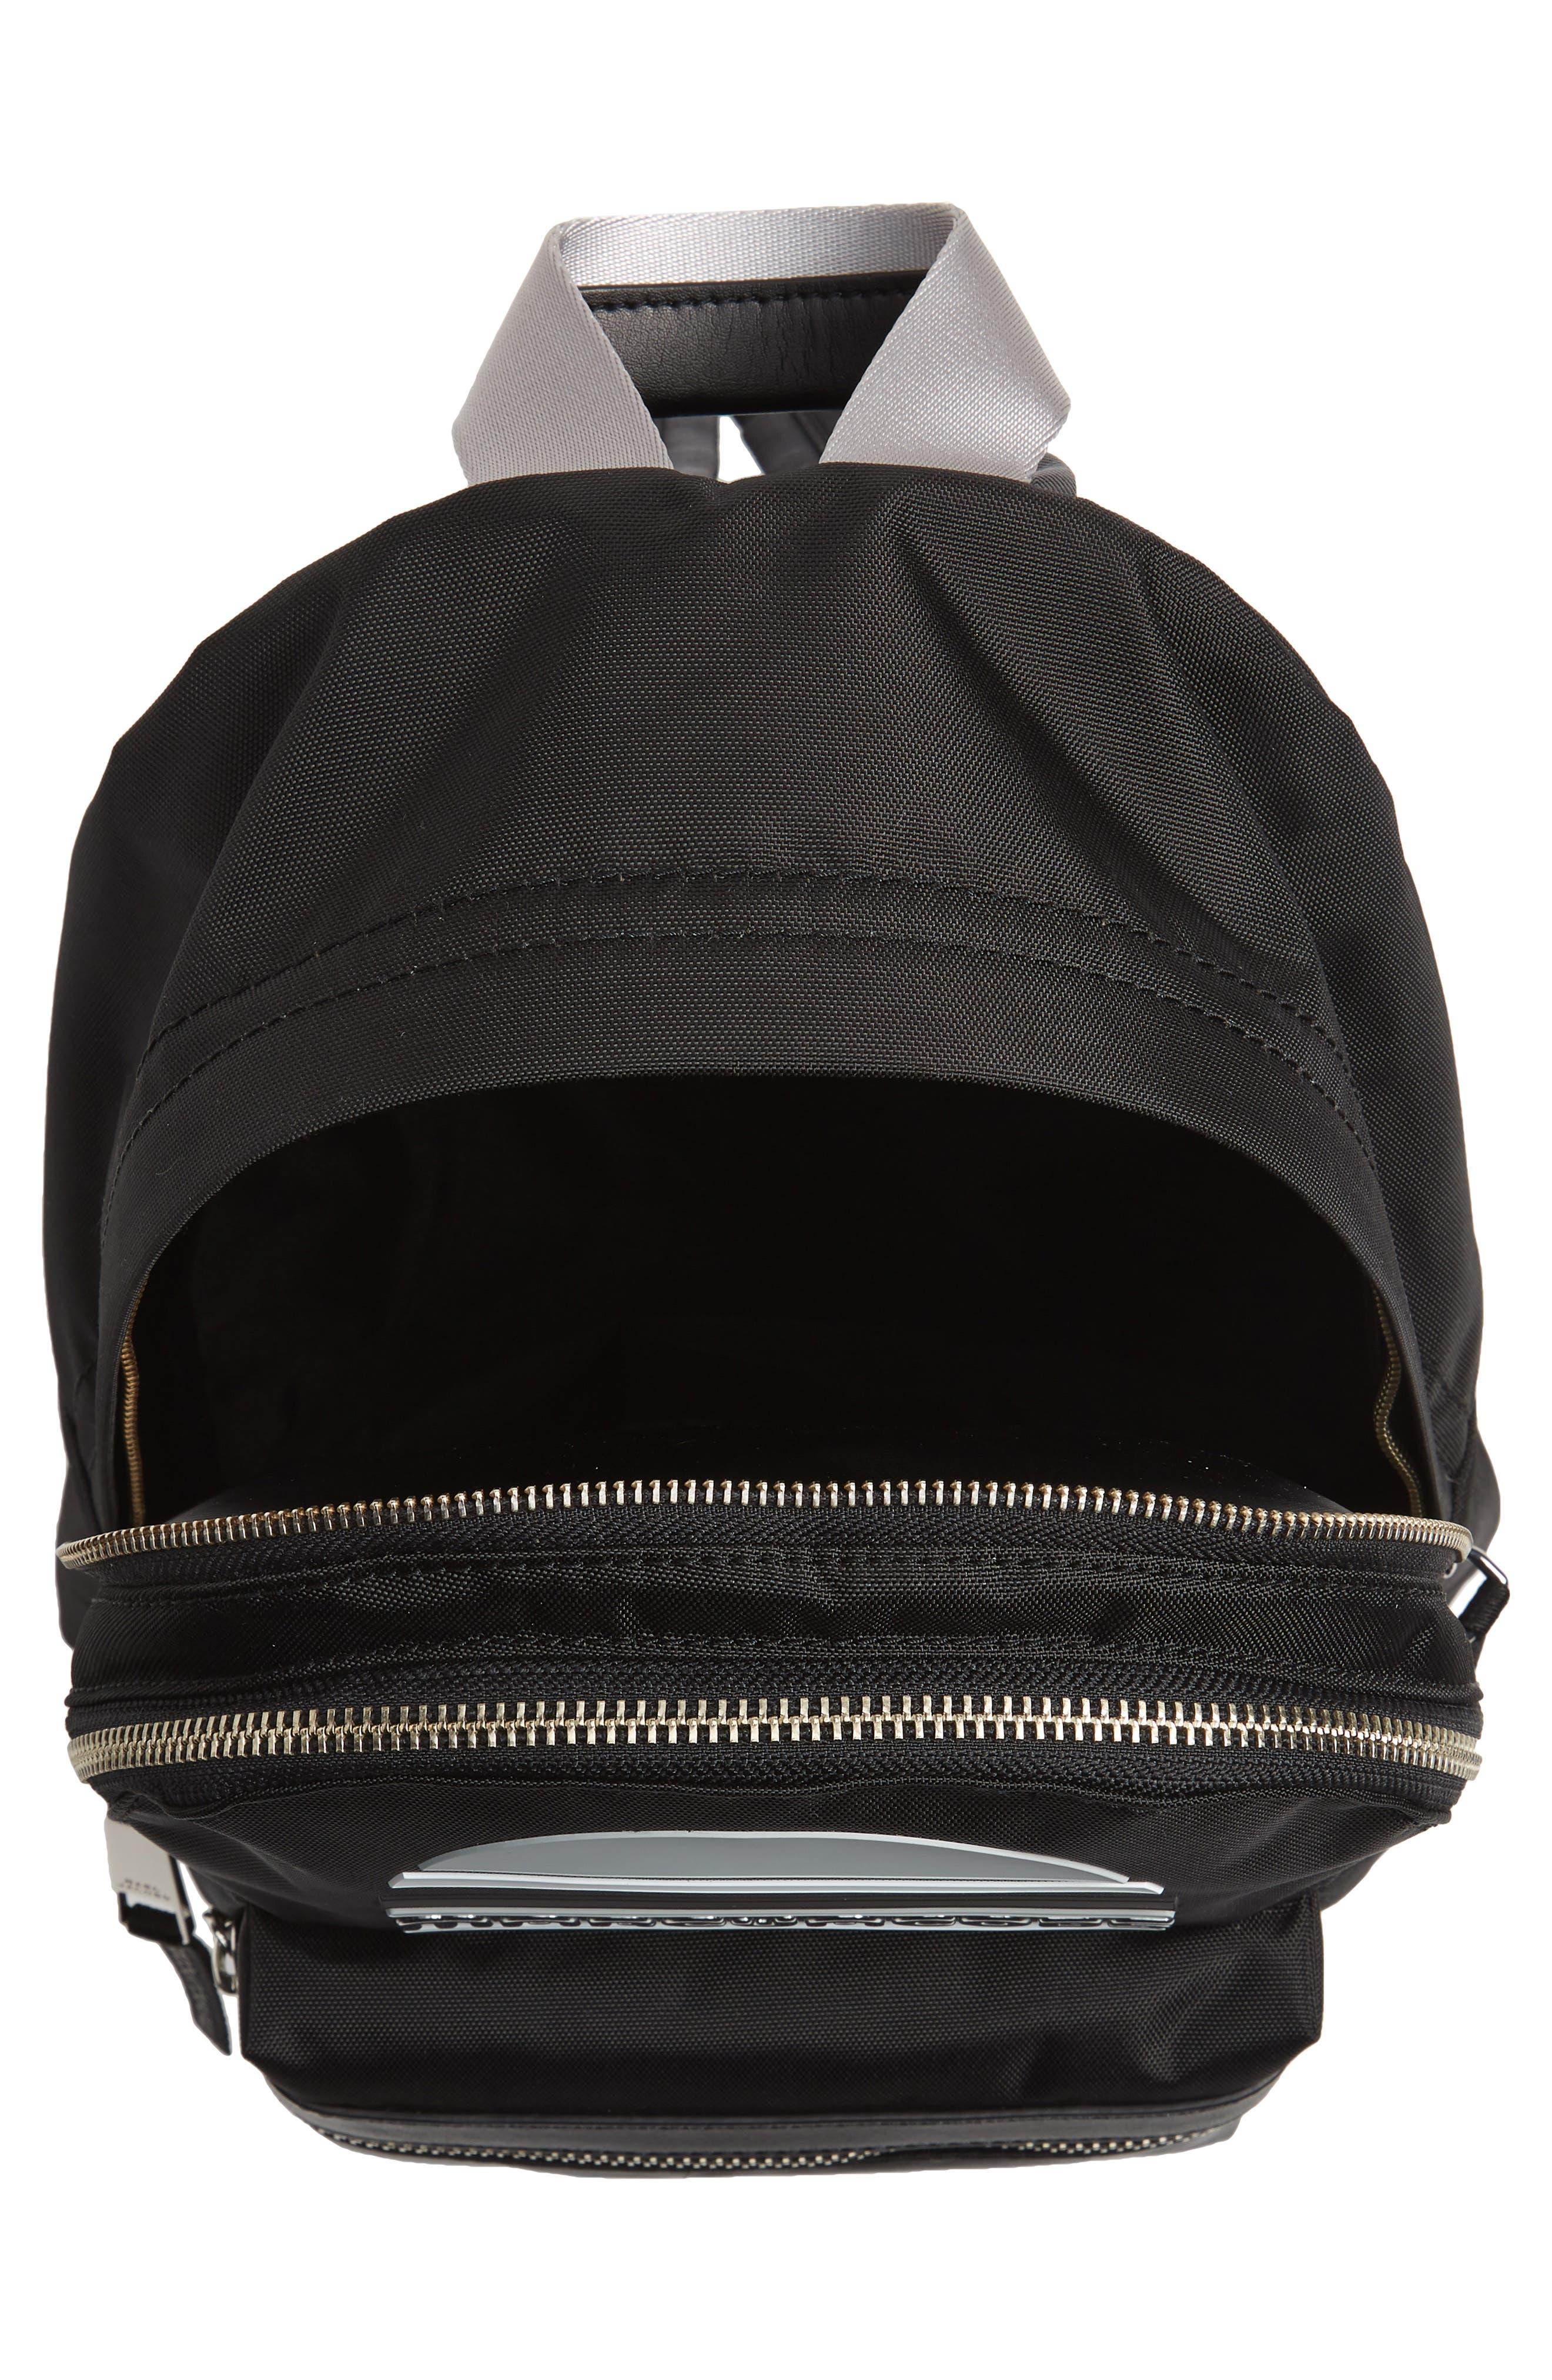 Medium Sport Trek Backpack,                             Alternate thumbnail 4, color,                             BLACK